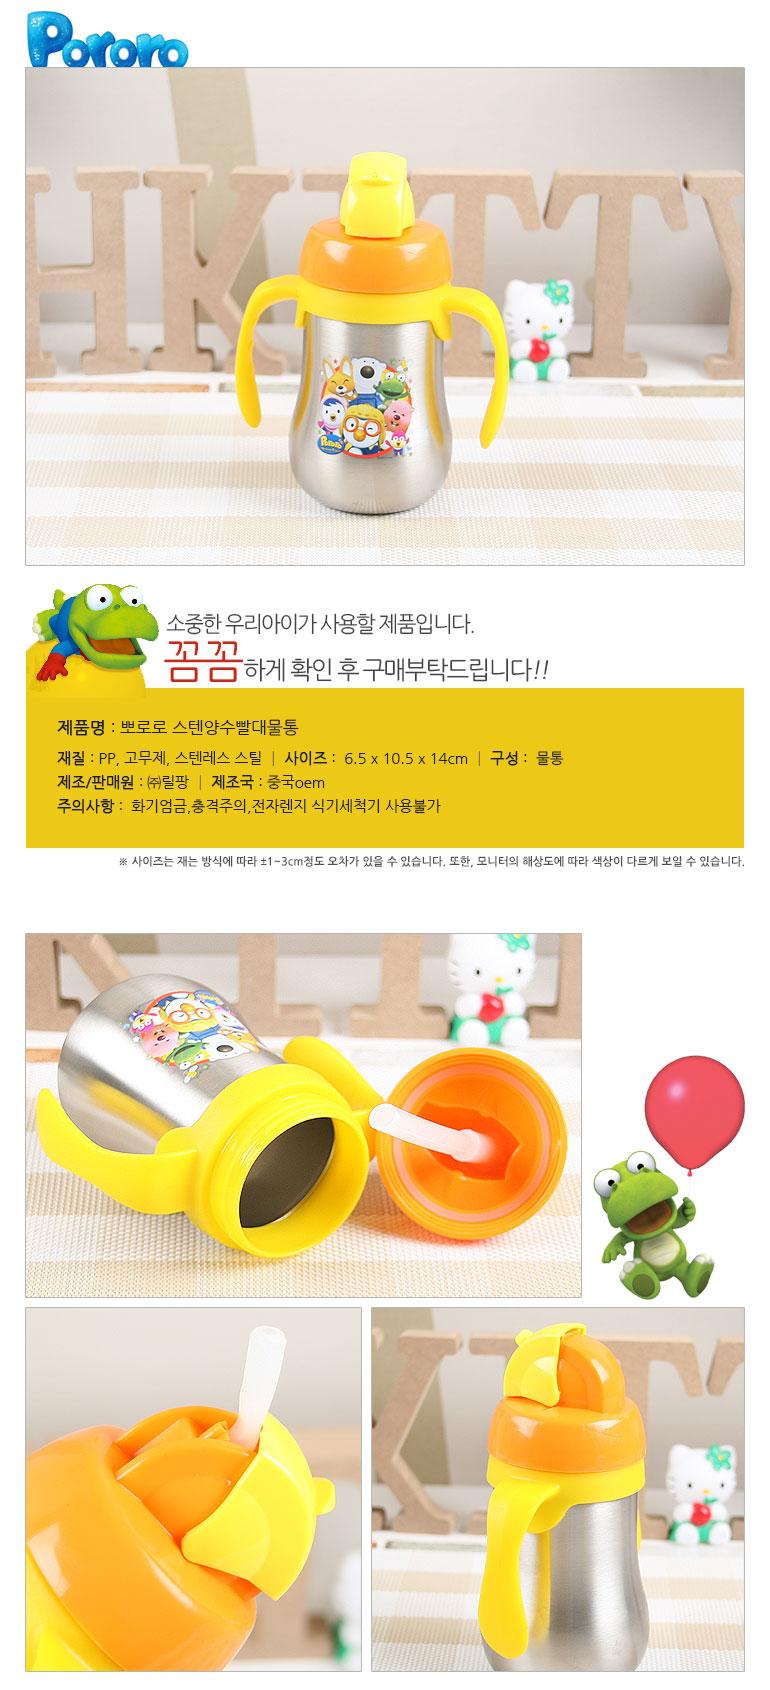 뽀로로 스텐양수빨대물통 6814 - 키키월드, 12,000원, 유아식기/용품, 컵/빨대컵/물병